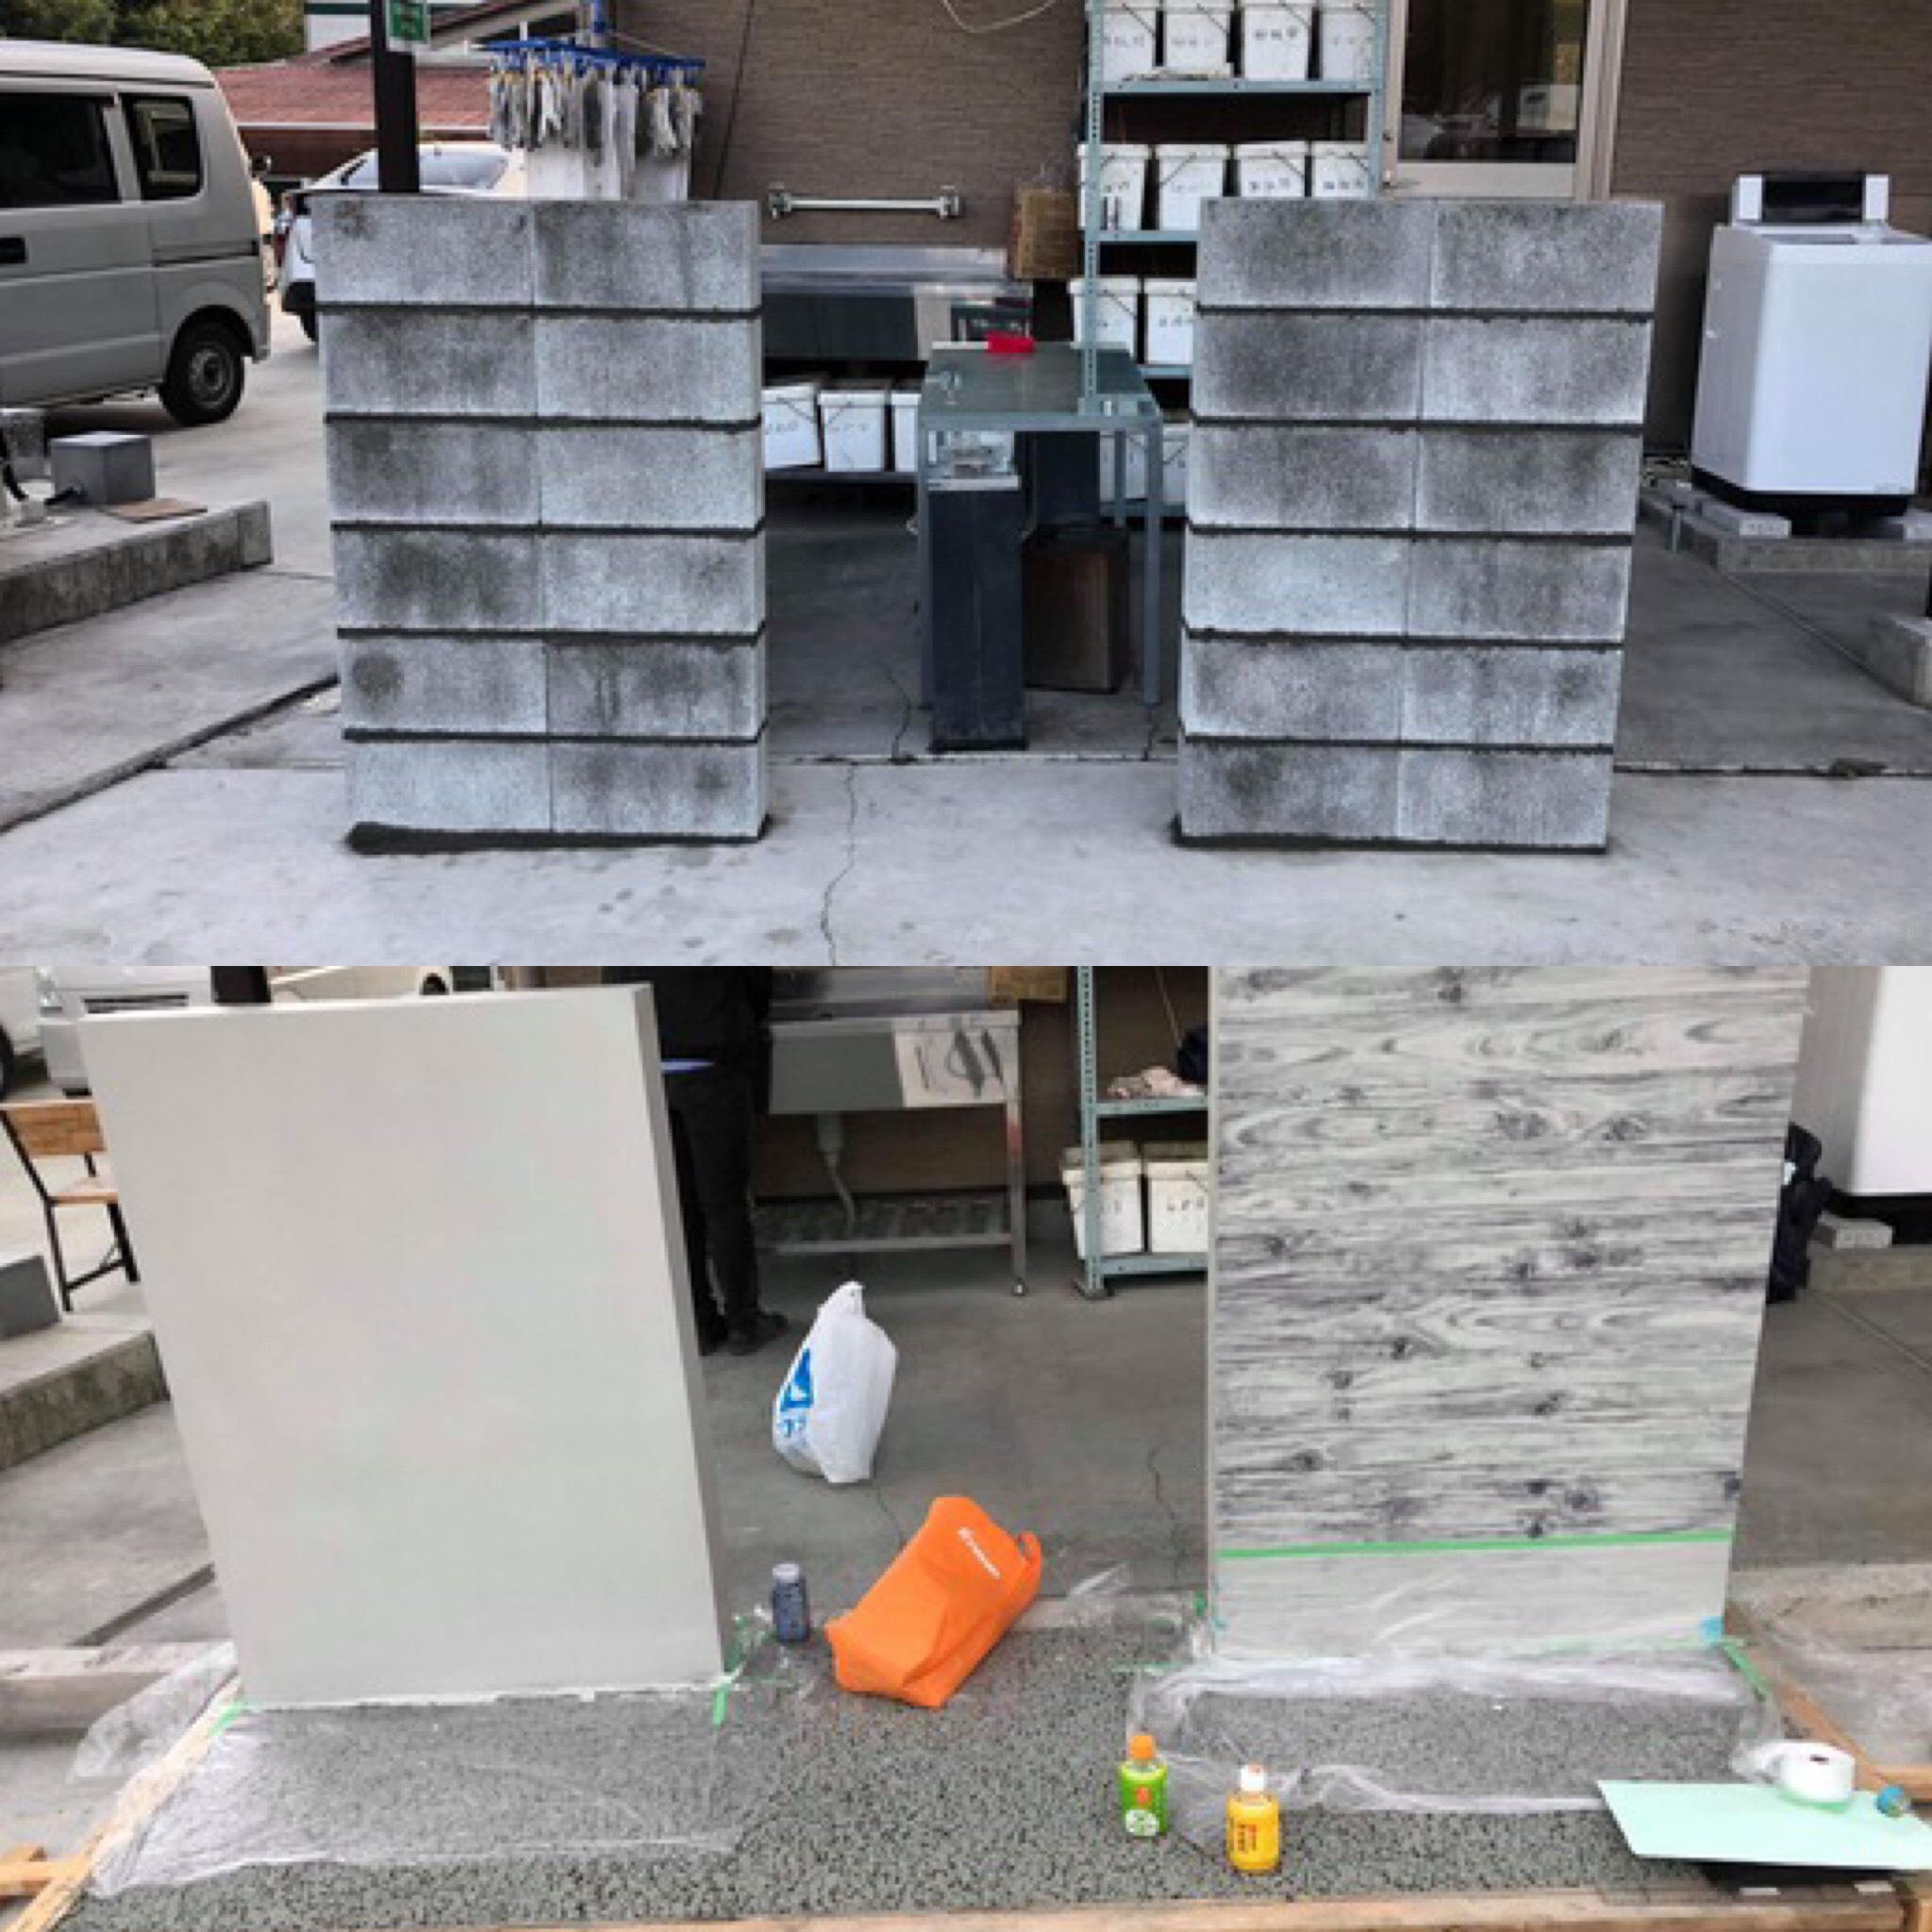 「【#デコブロ】デコレーションブロック塀の全て」